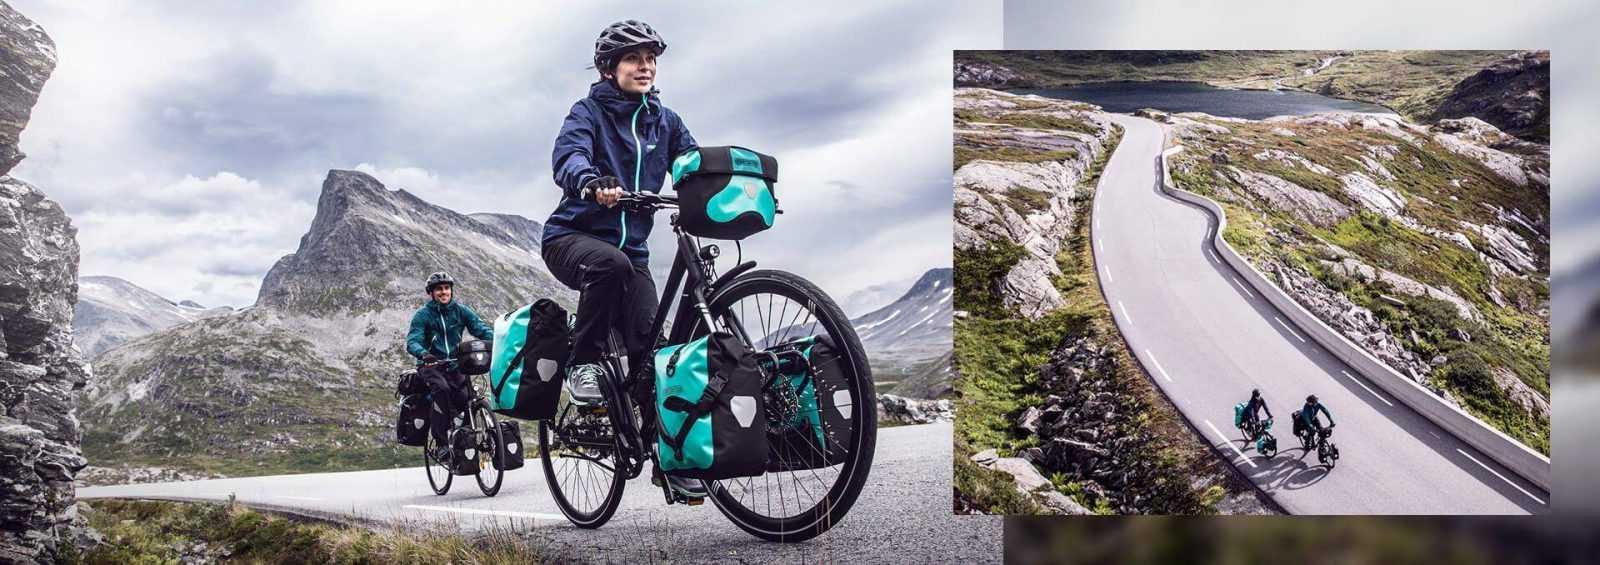 Migliori.io Top 10: Le migliori borse bici